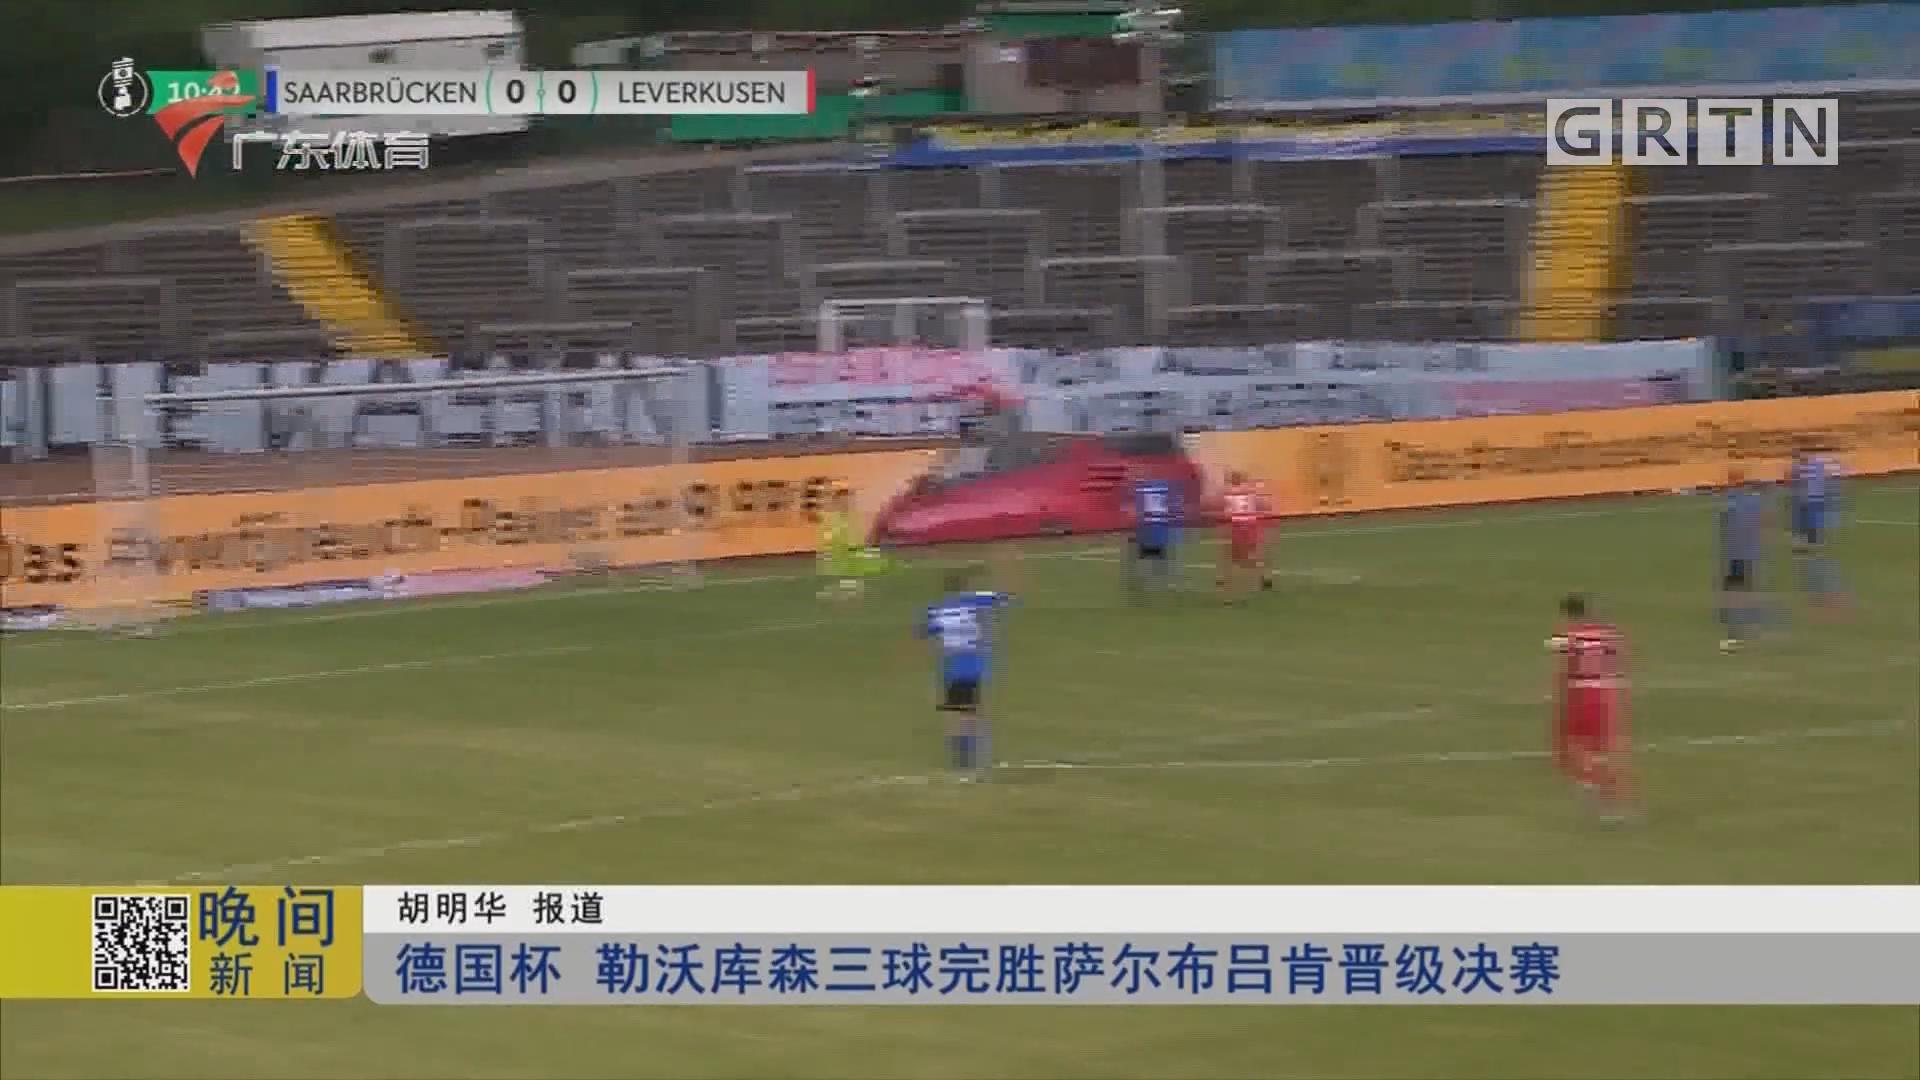 德国杯 勒沃库森三球完胜萨尔布吕肯晋级决赛